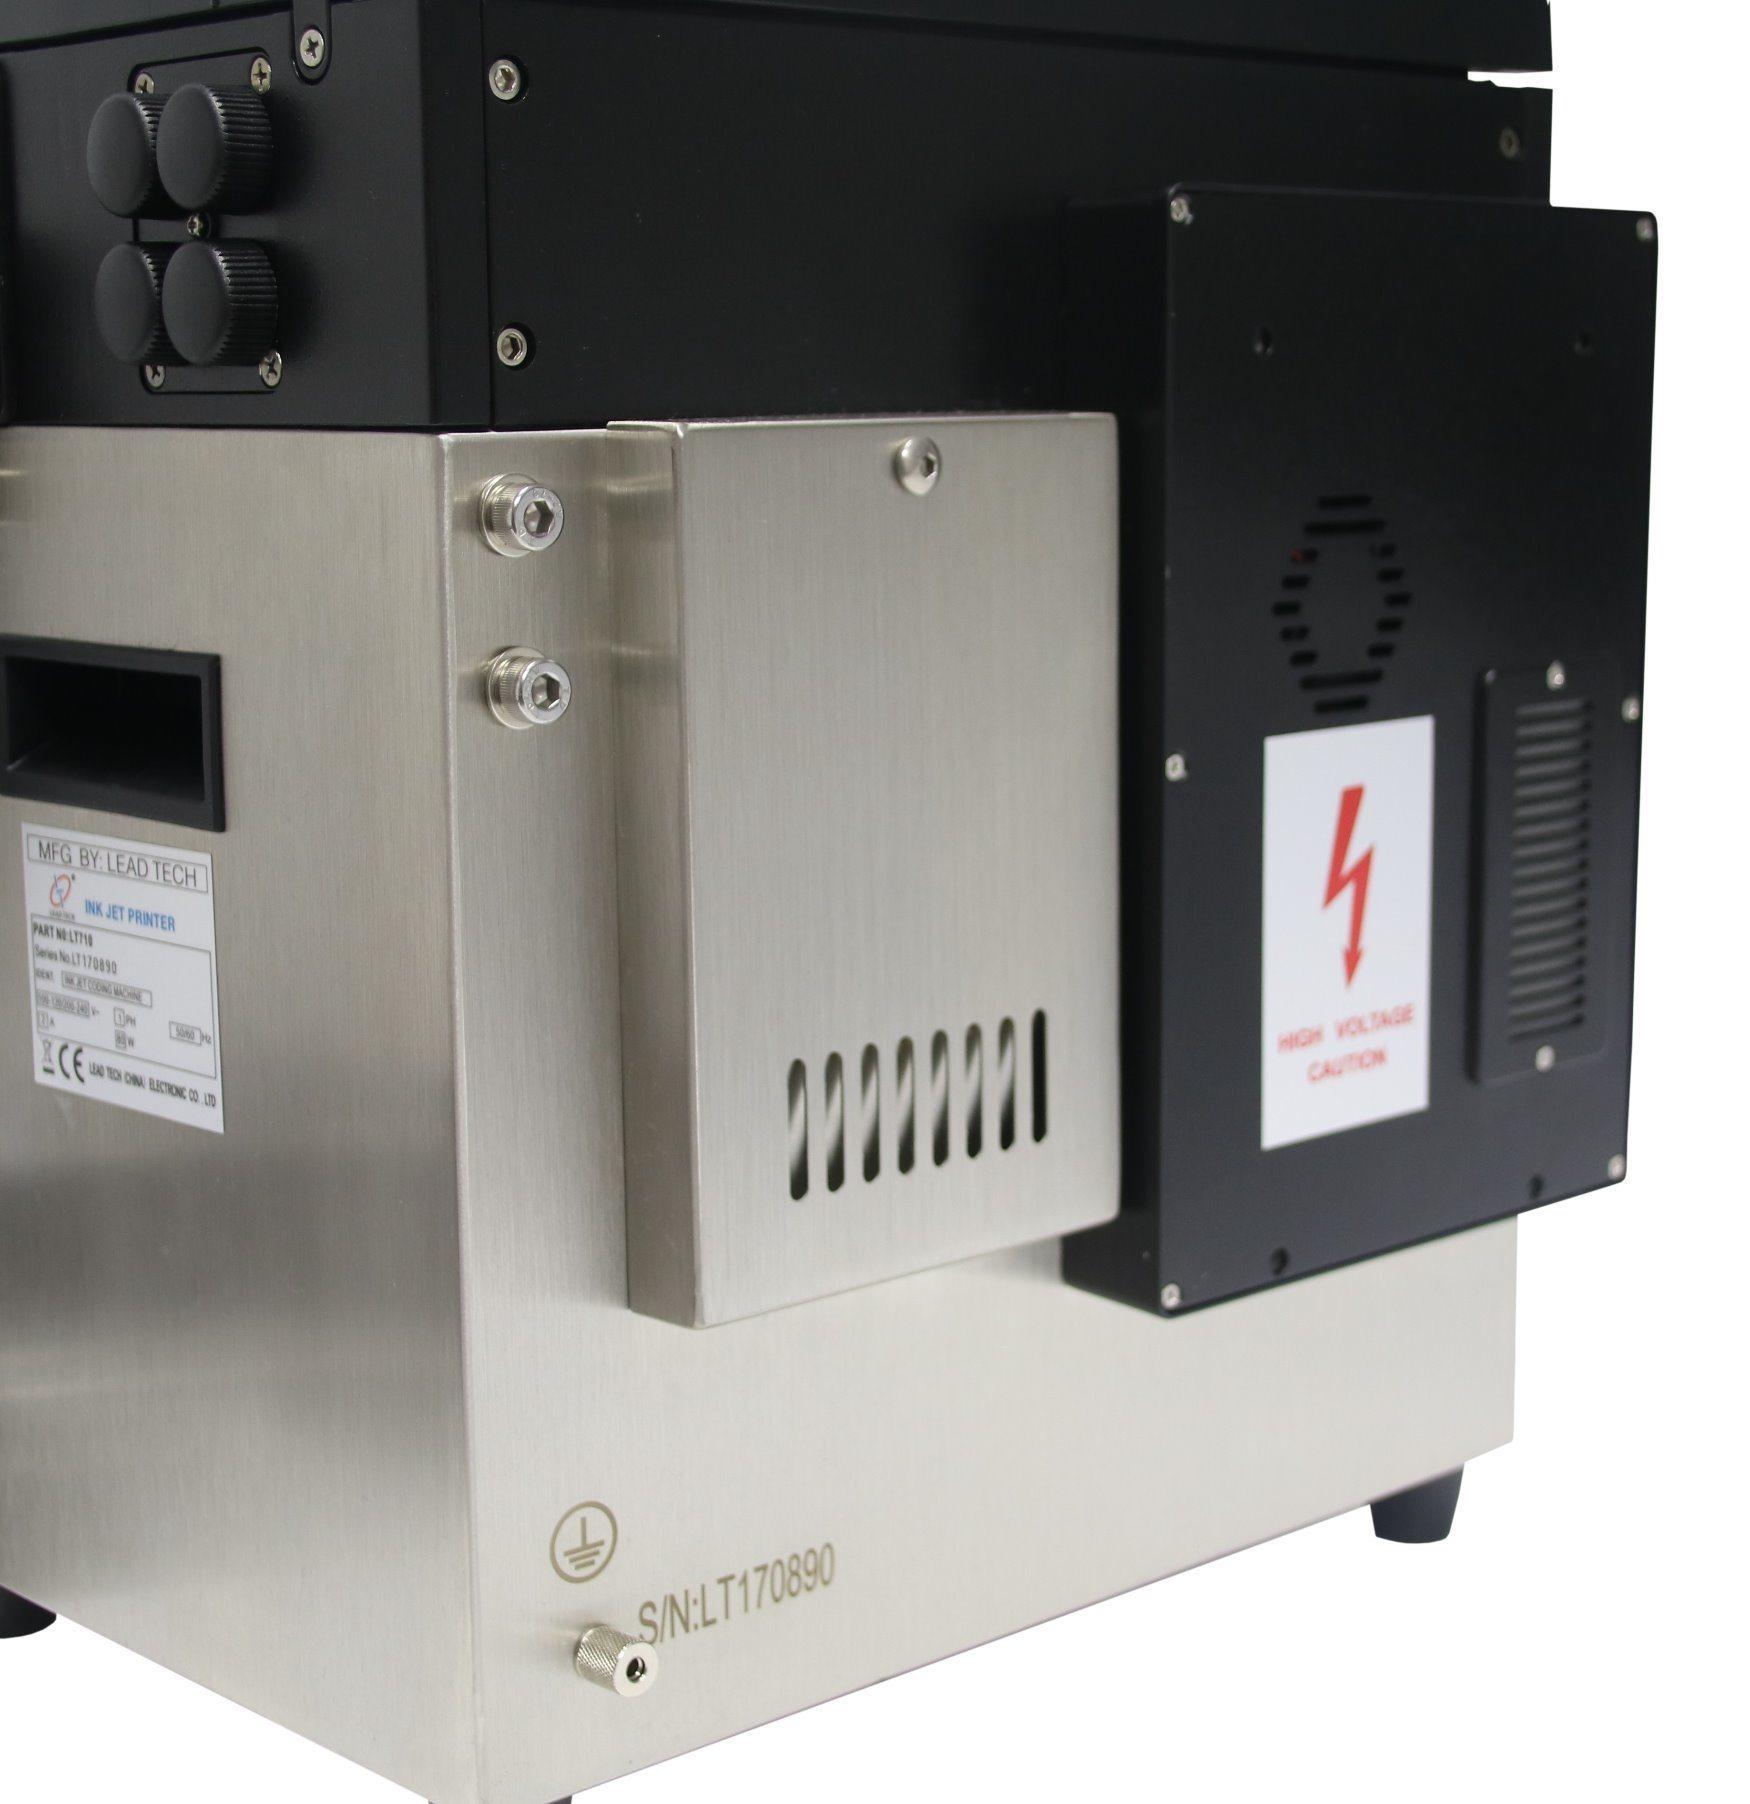 Lead Tech Lt760 Egg Coding Inkjet Printer